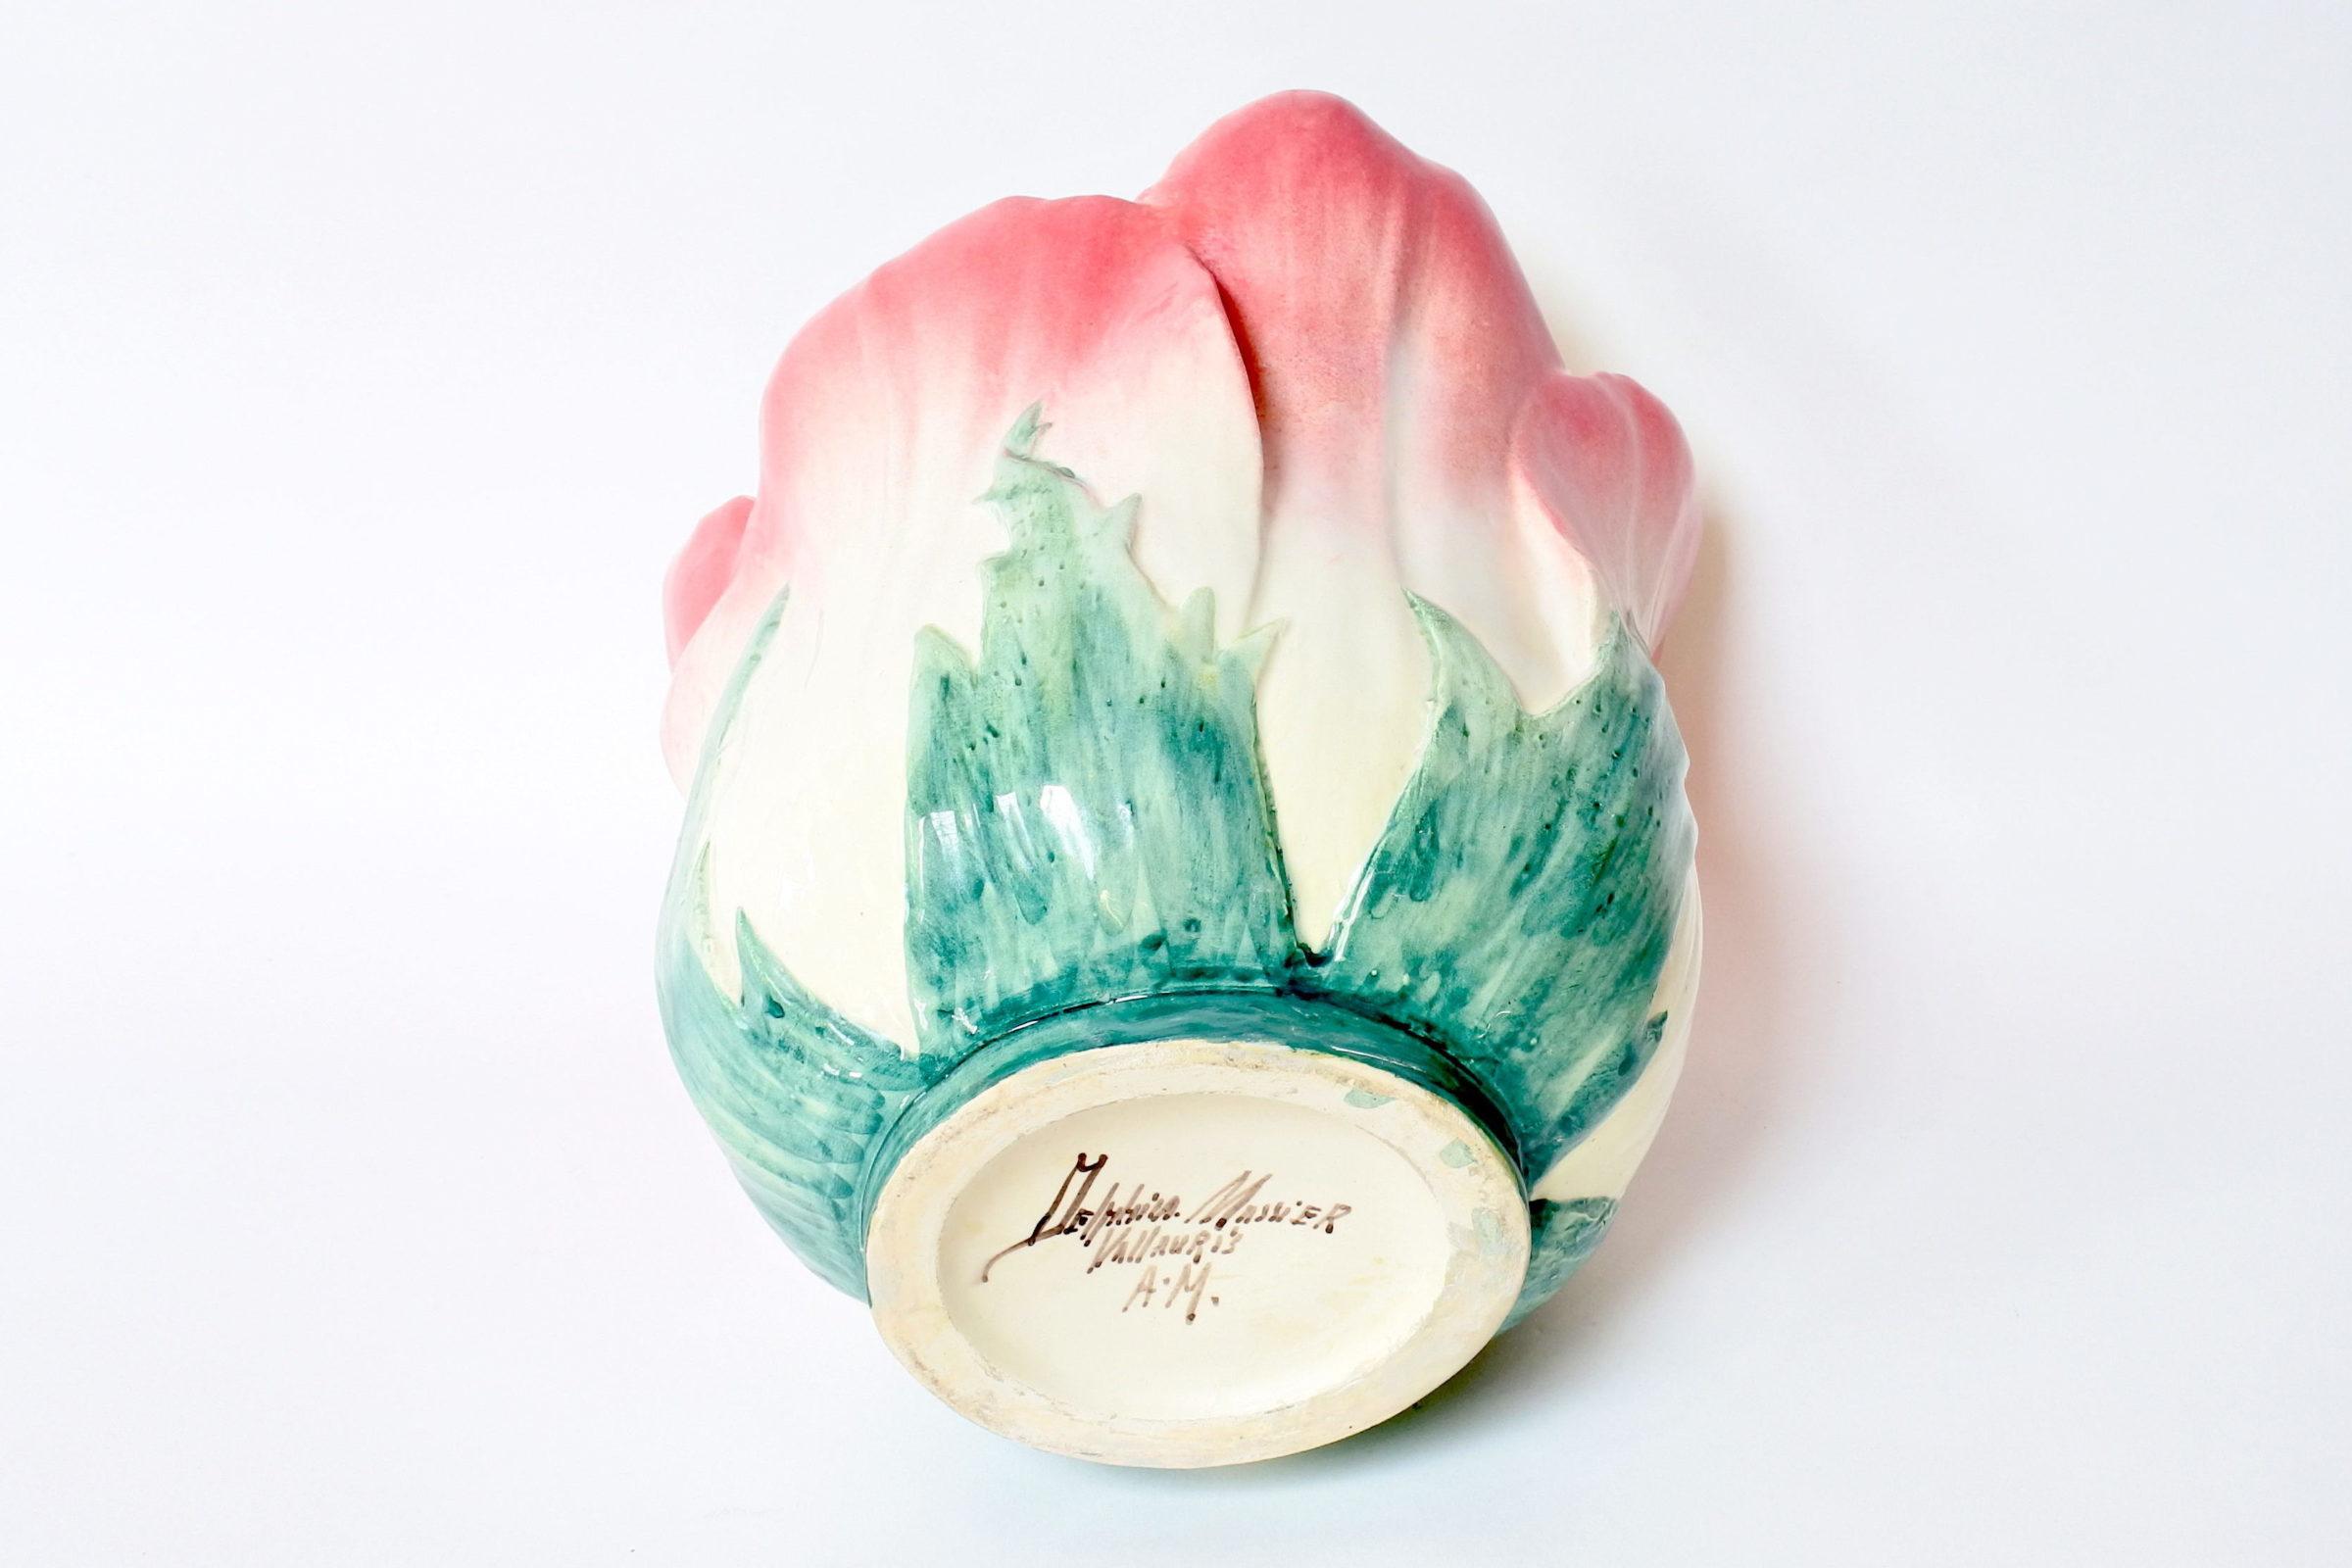 Cache pot Massier in ceramica barbotine a forma di fiore - Delphin Massier - 6